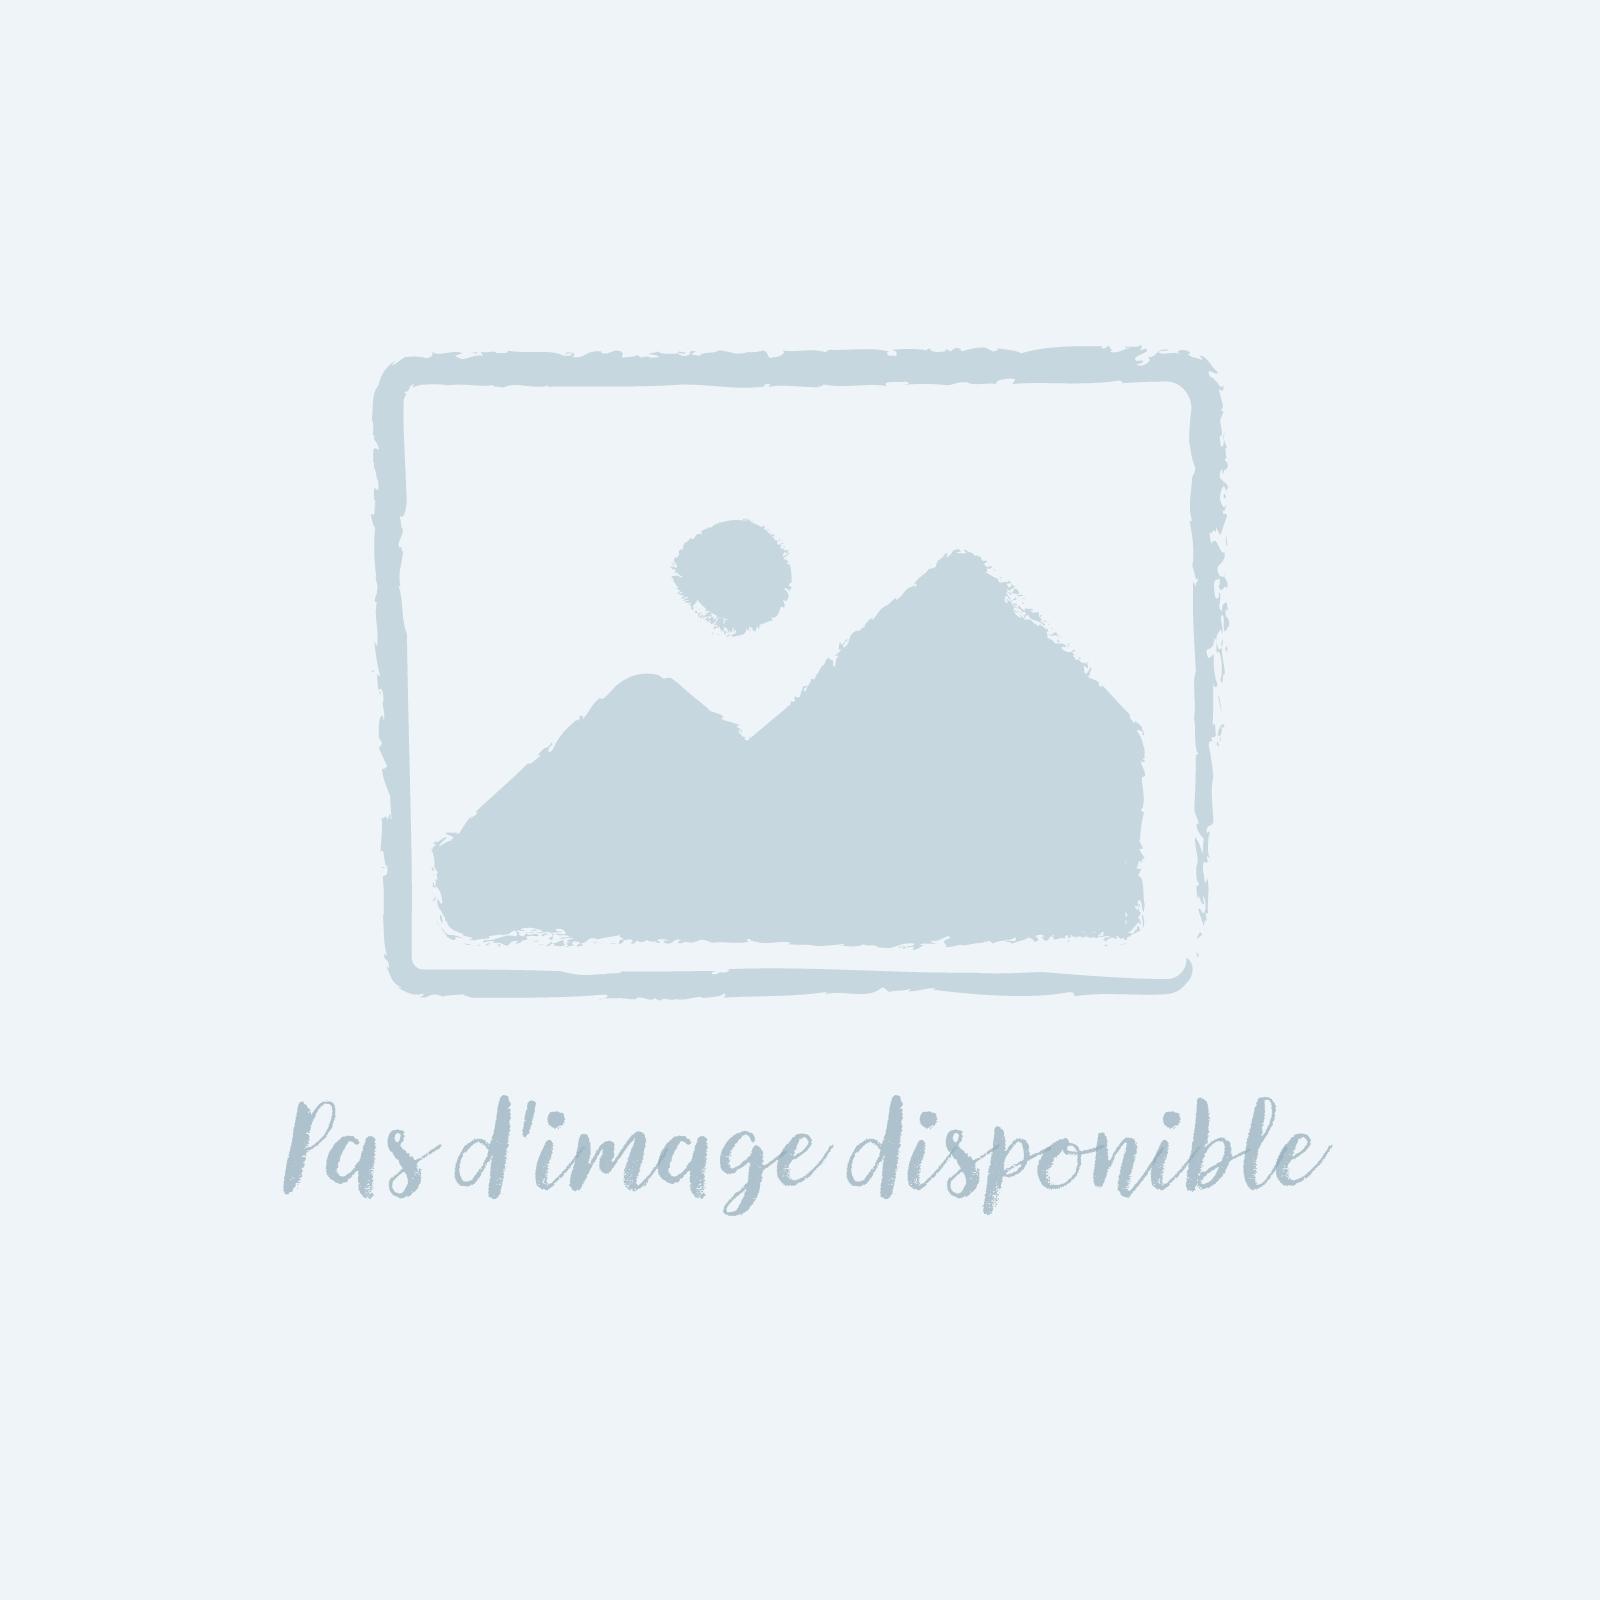 """Gerflor Creation 70 """"0558 Bautista (91,4 cm x 22,8 cm)"""" - Lame PVC à coller"""